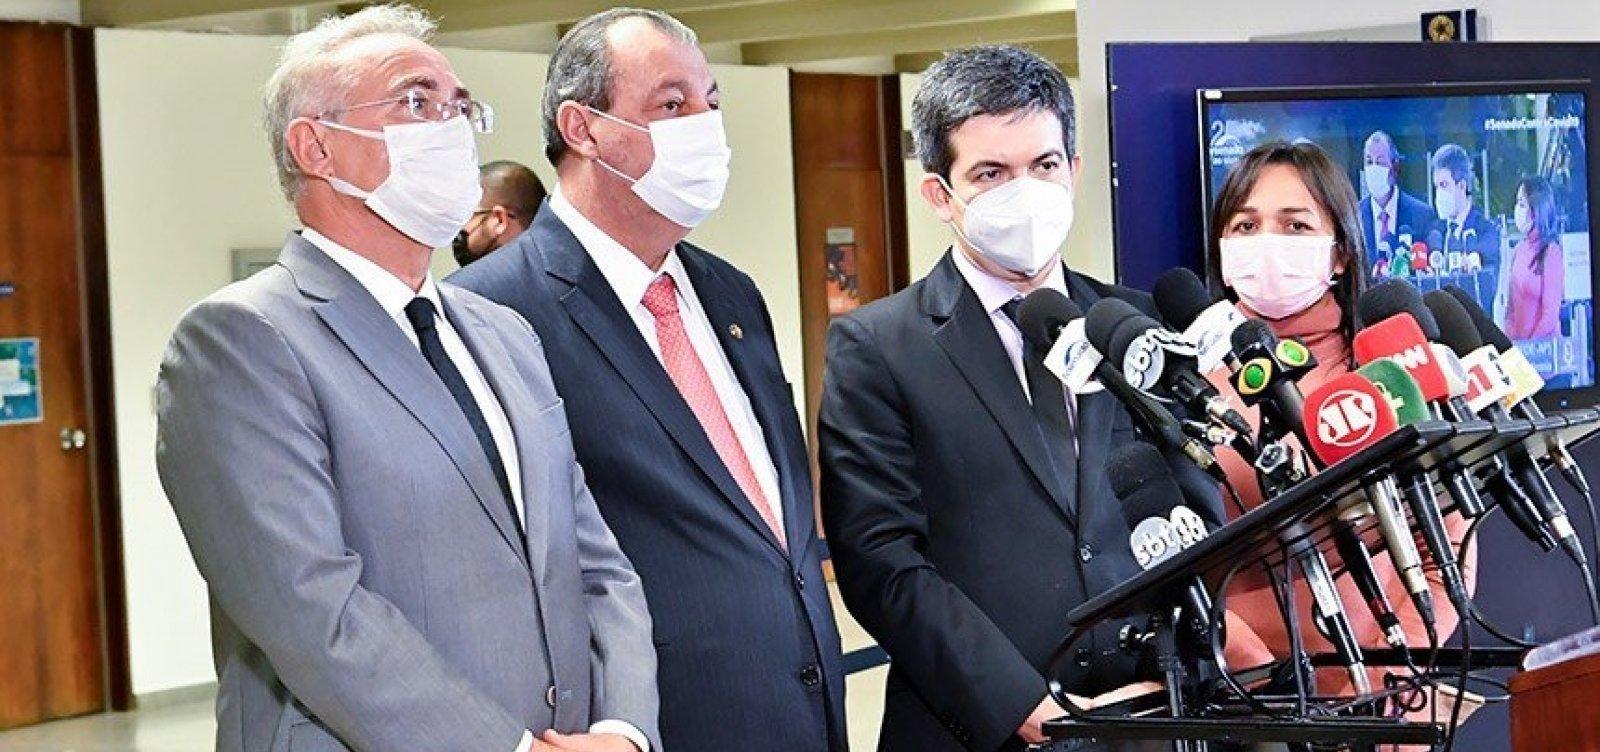 CPI pode comunicar ao STF crime de prevaricação por parte de Bolsonaro